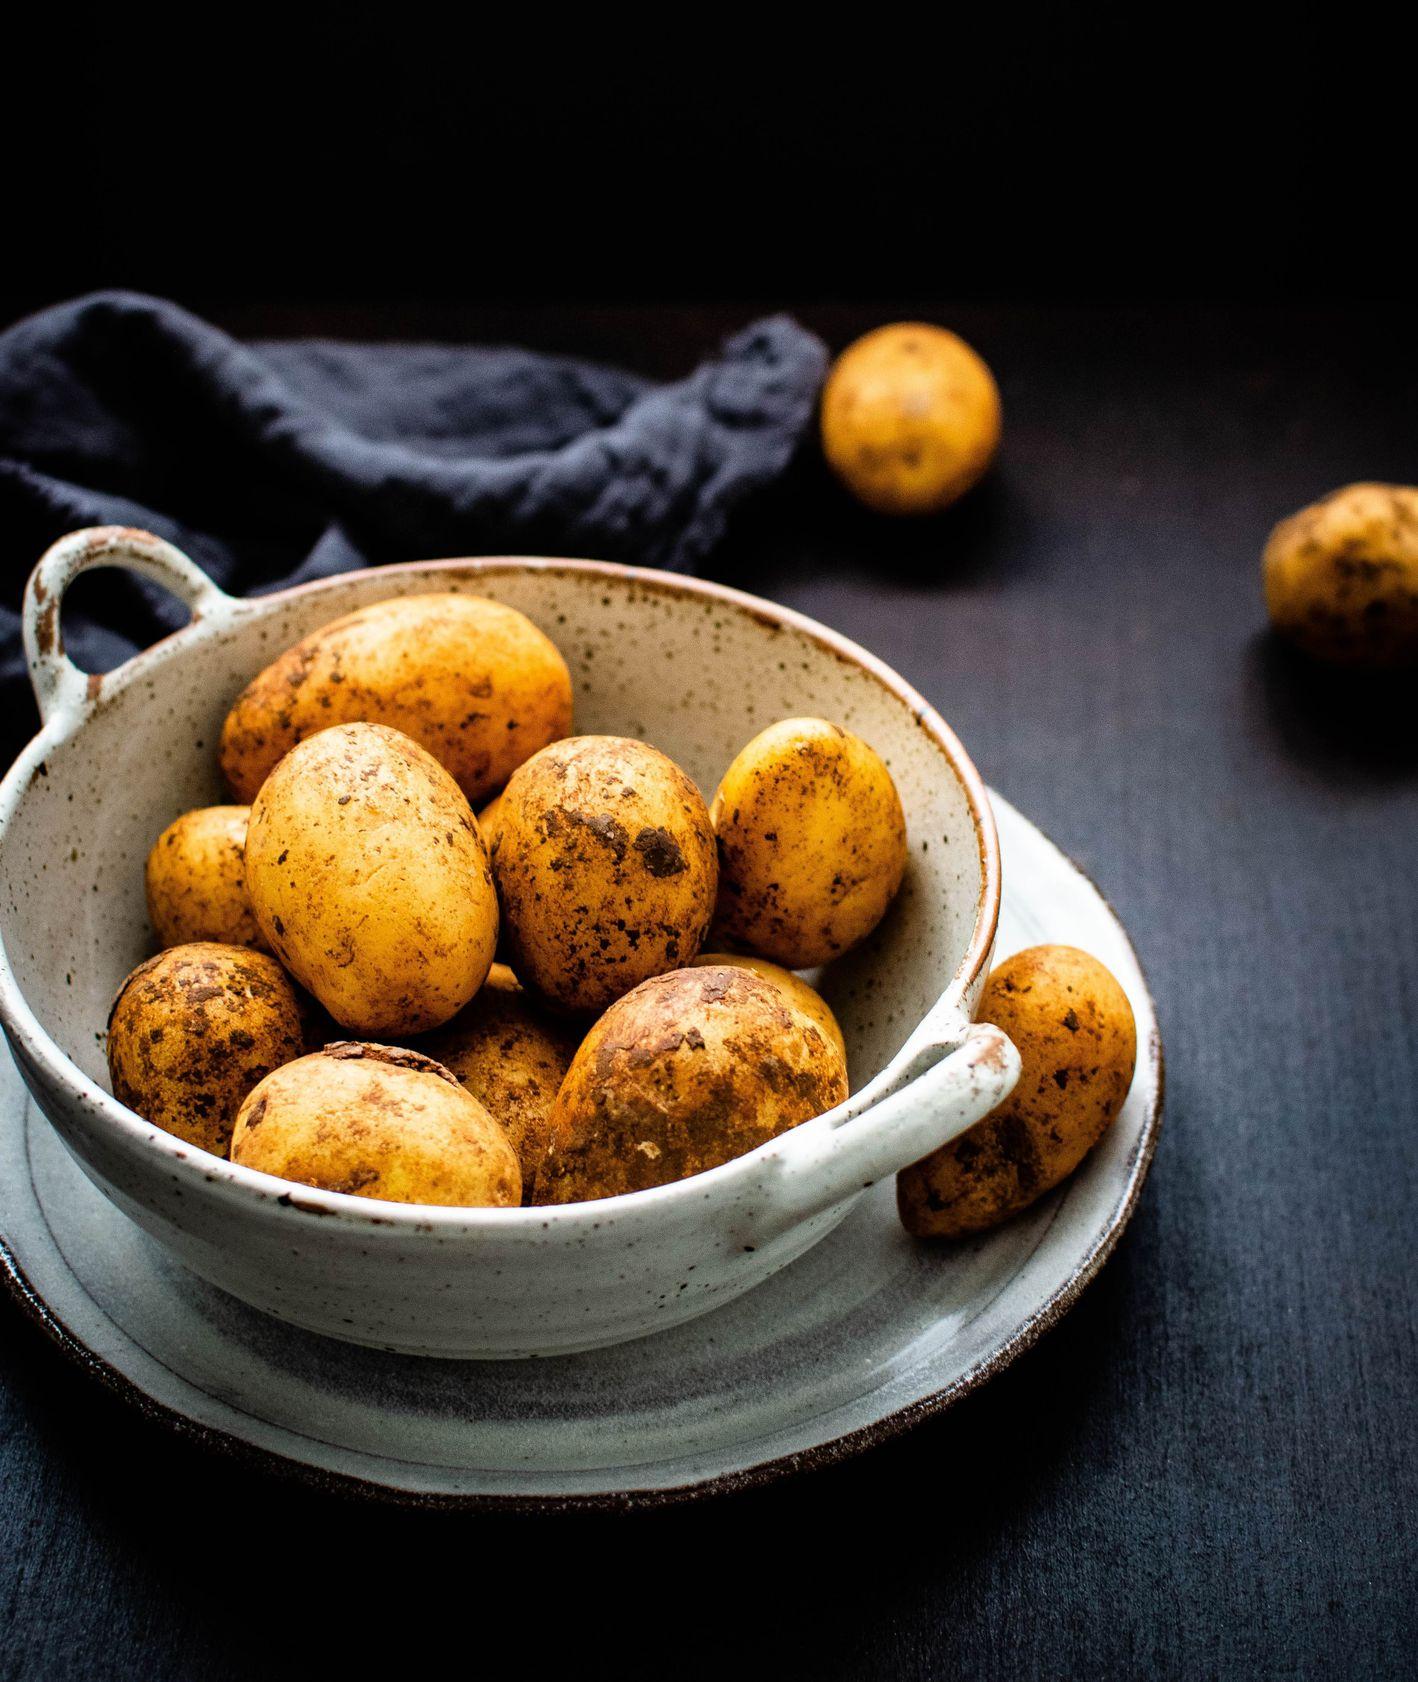 Ziemniaki ceramicznej misce (fot. Monika Grabkowska)